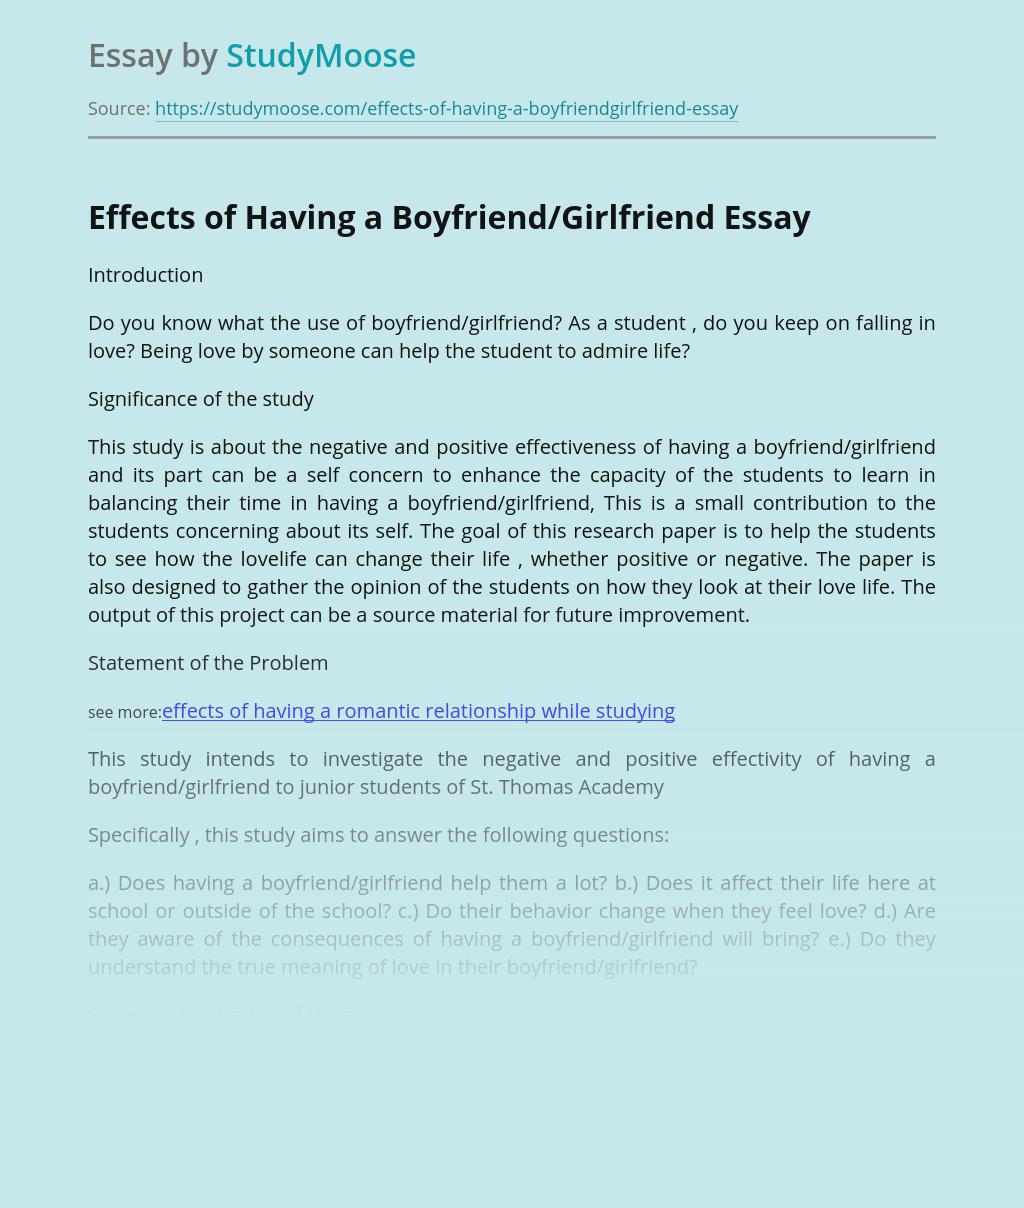 Effects of Having a Boyfriend/Girlfriend